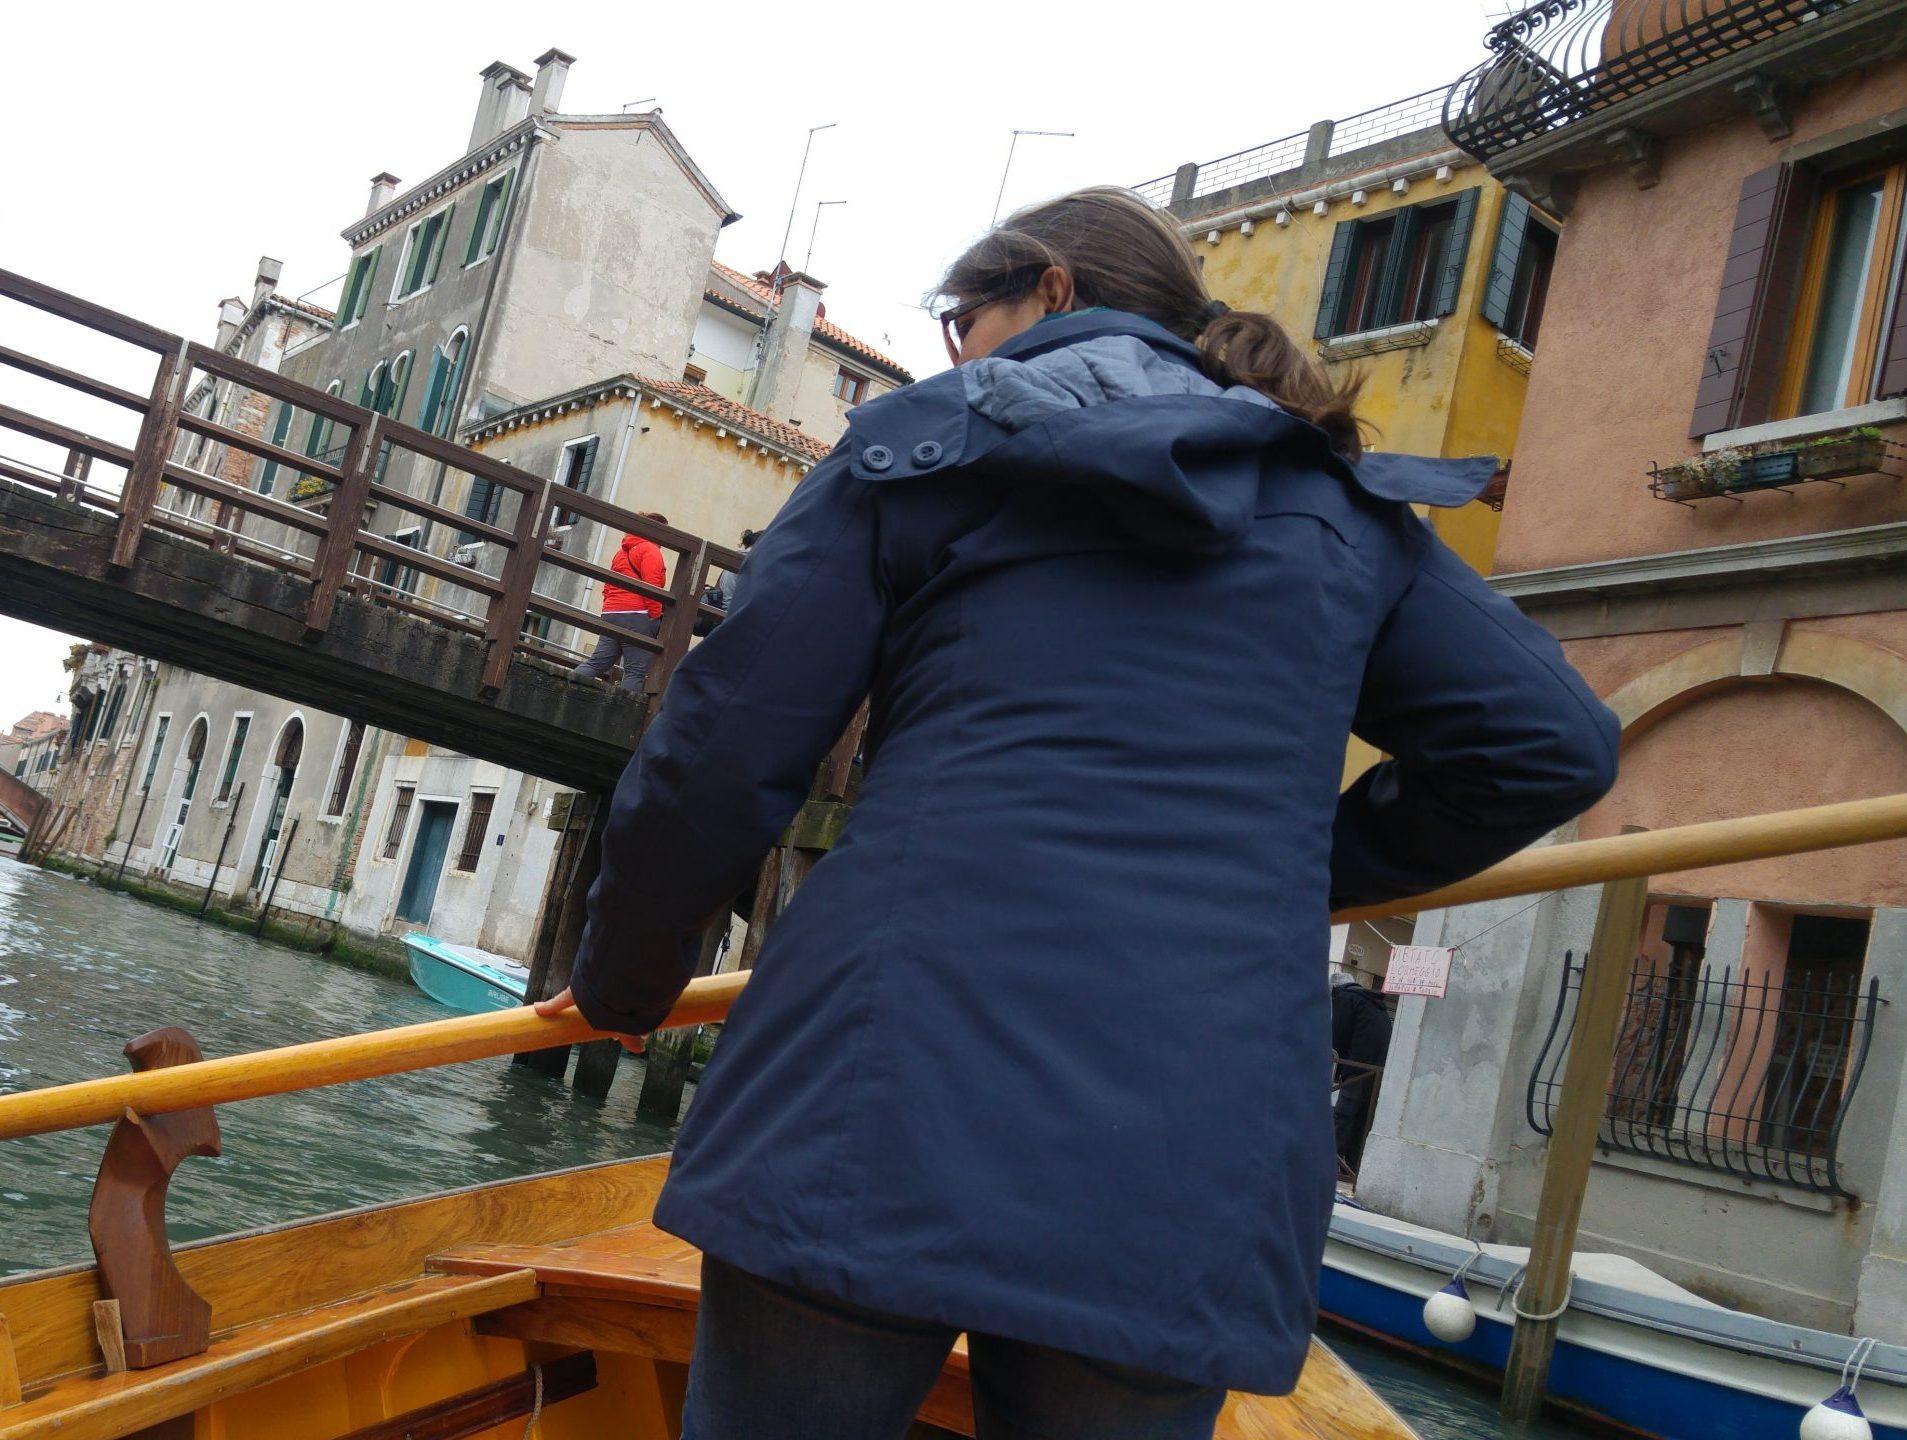 vogare in gondola a Venezia tra i canali